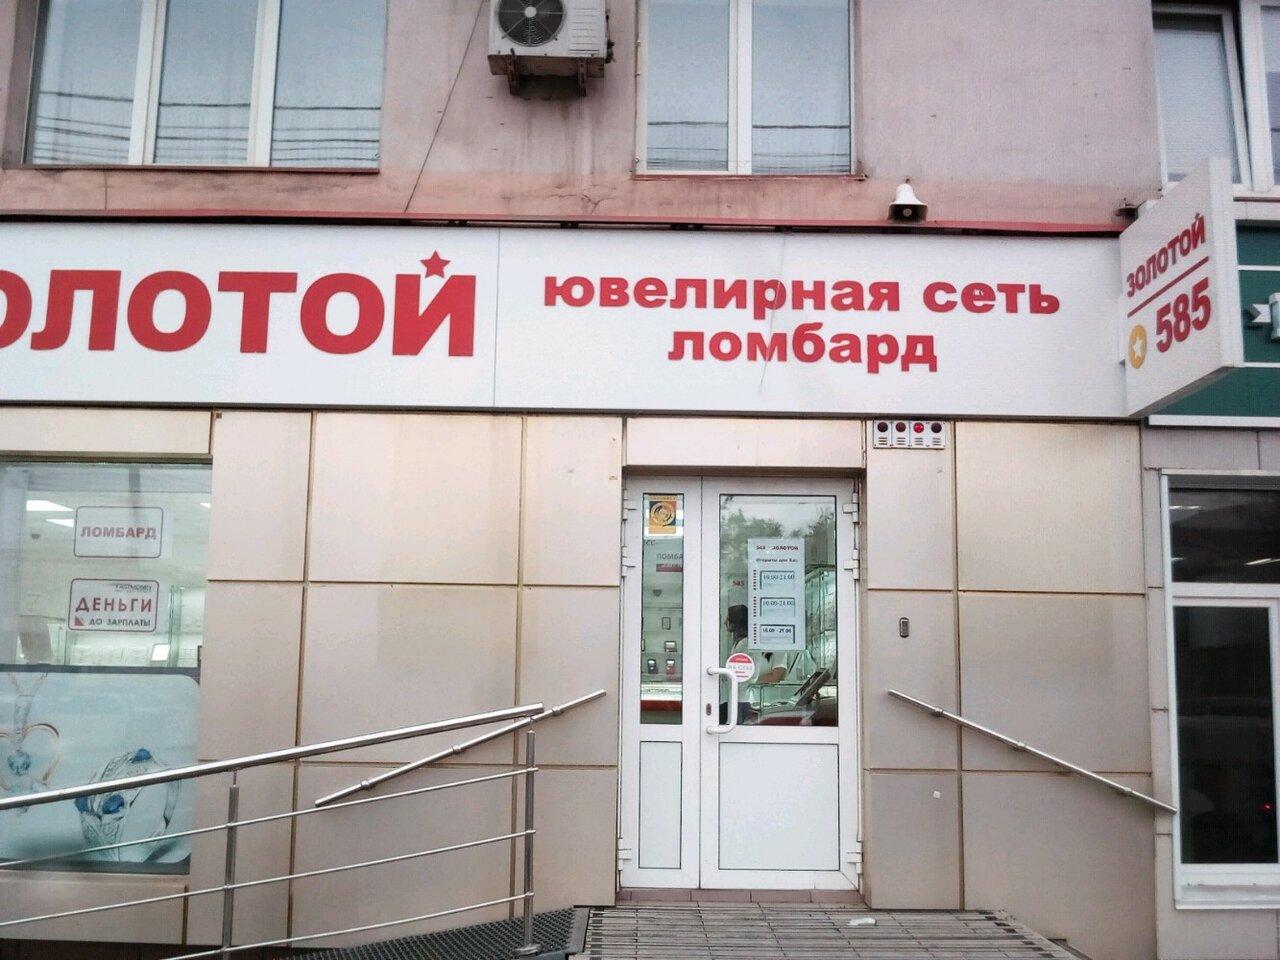 Красноярск золото ломбард в москва телефон купить ломбарде